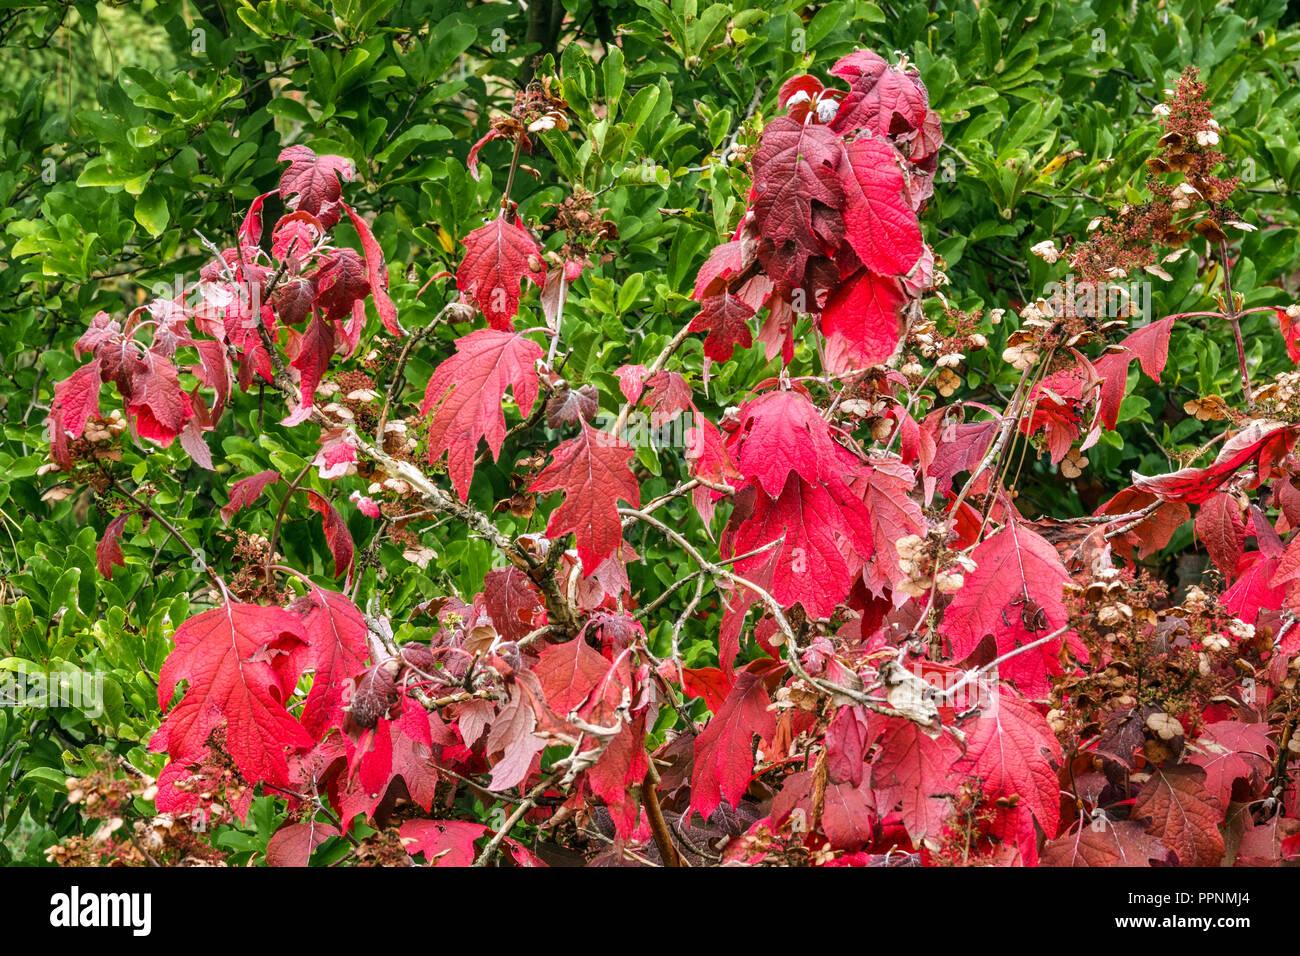 Hydrangea Autumn Leaves Stock Photos Hydrangea Autumn Leaves